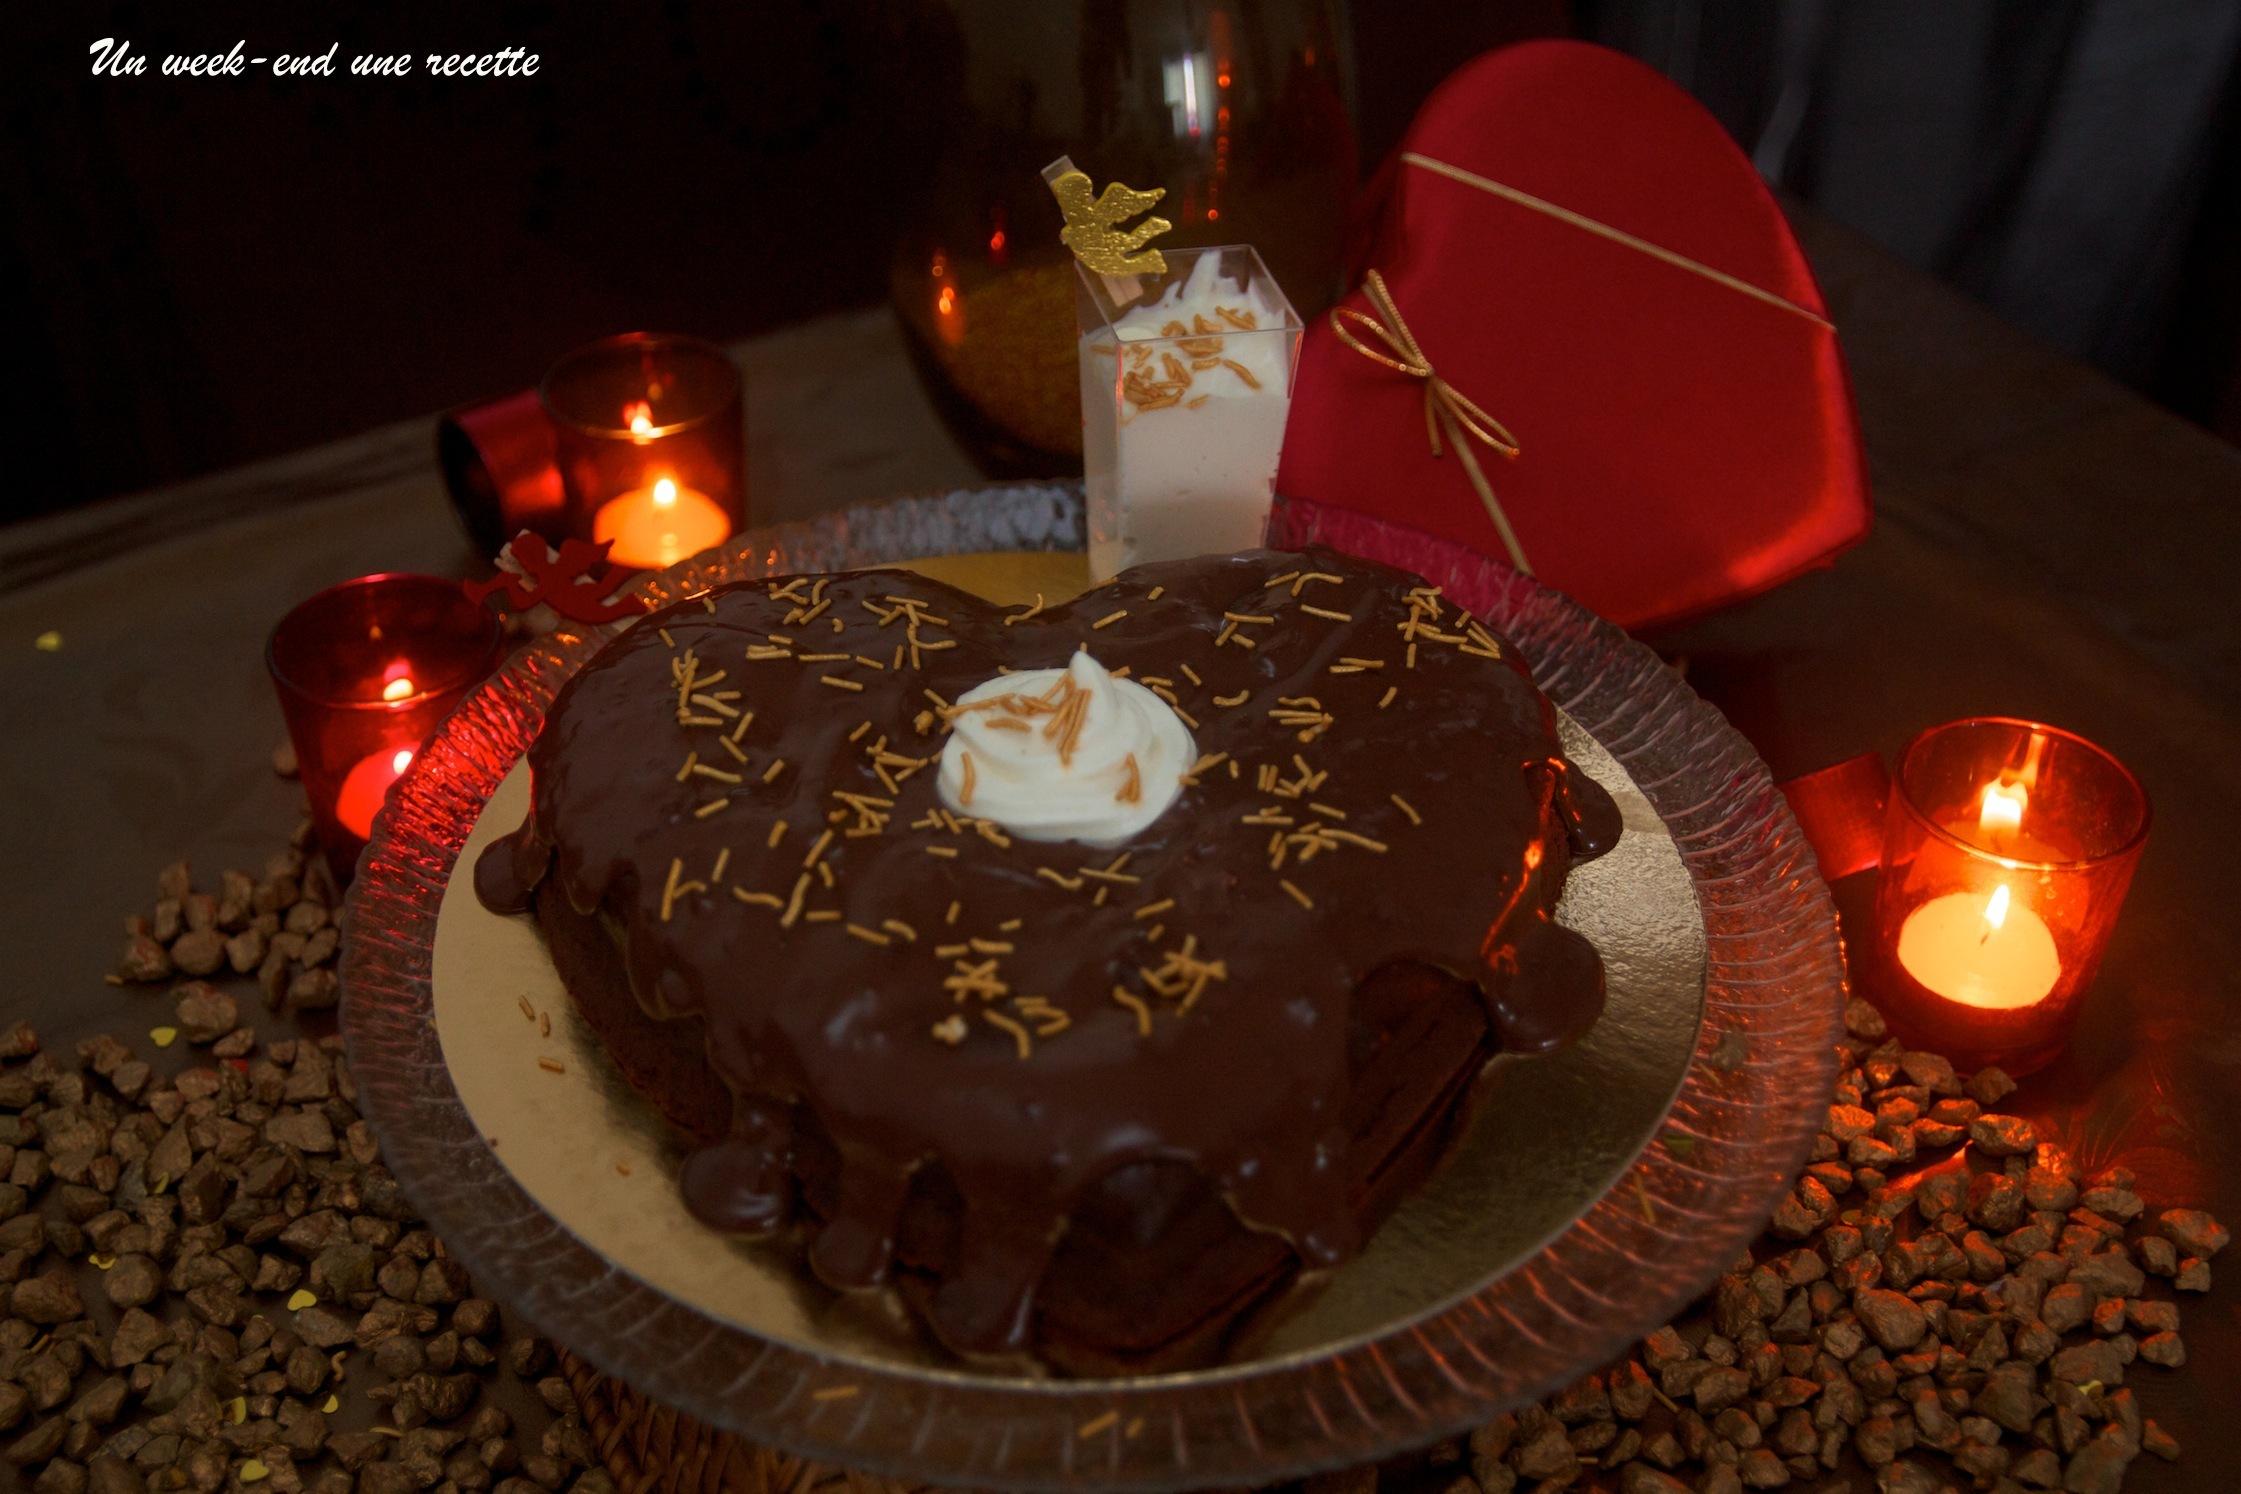 Gâteau chocolaté aux épices, ganache au piment avec sa mousse de chocolat blanc au gingembre